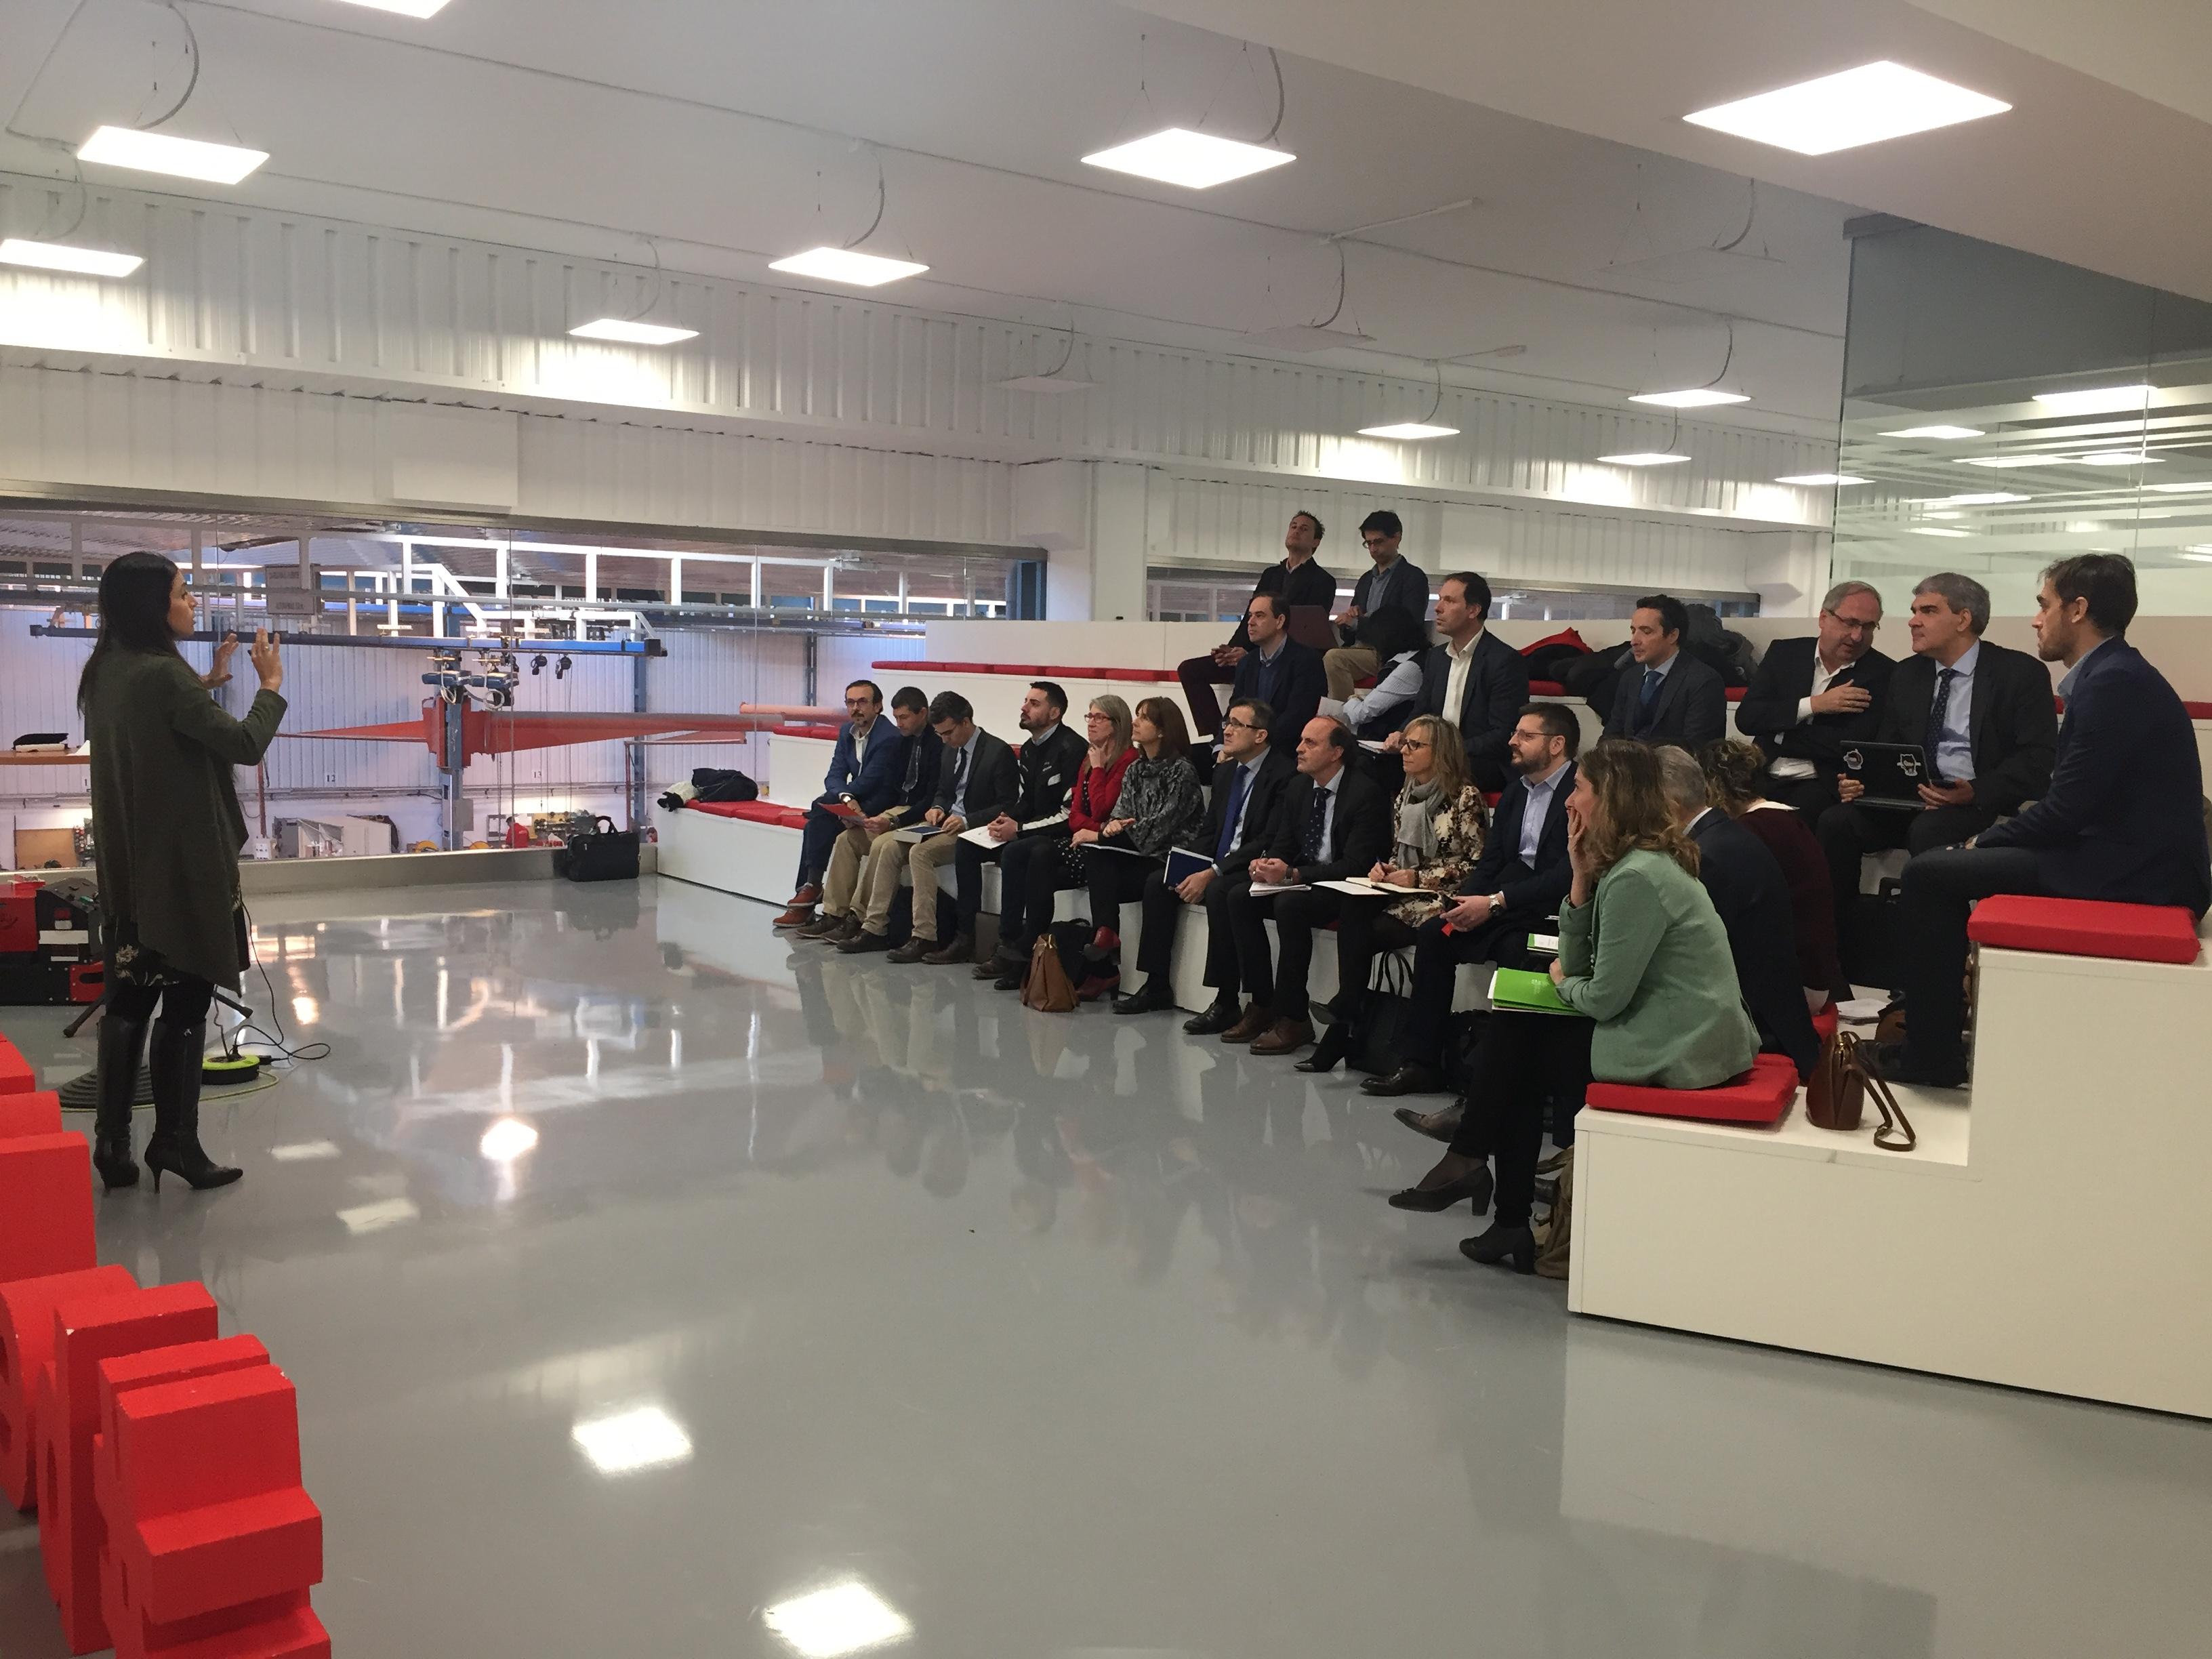 Constituido el Grupo de Trabajo Industria 4.0 de Castilla y León con una veintena de instituciones y empresas de la región